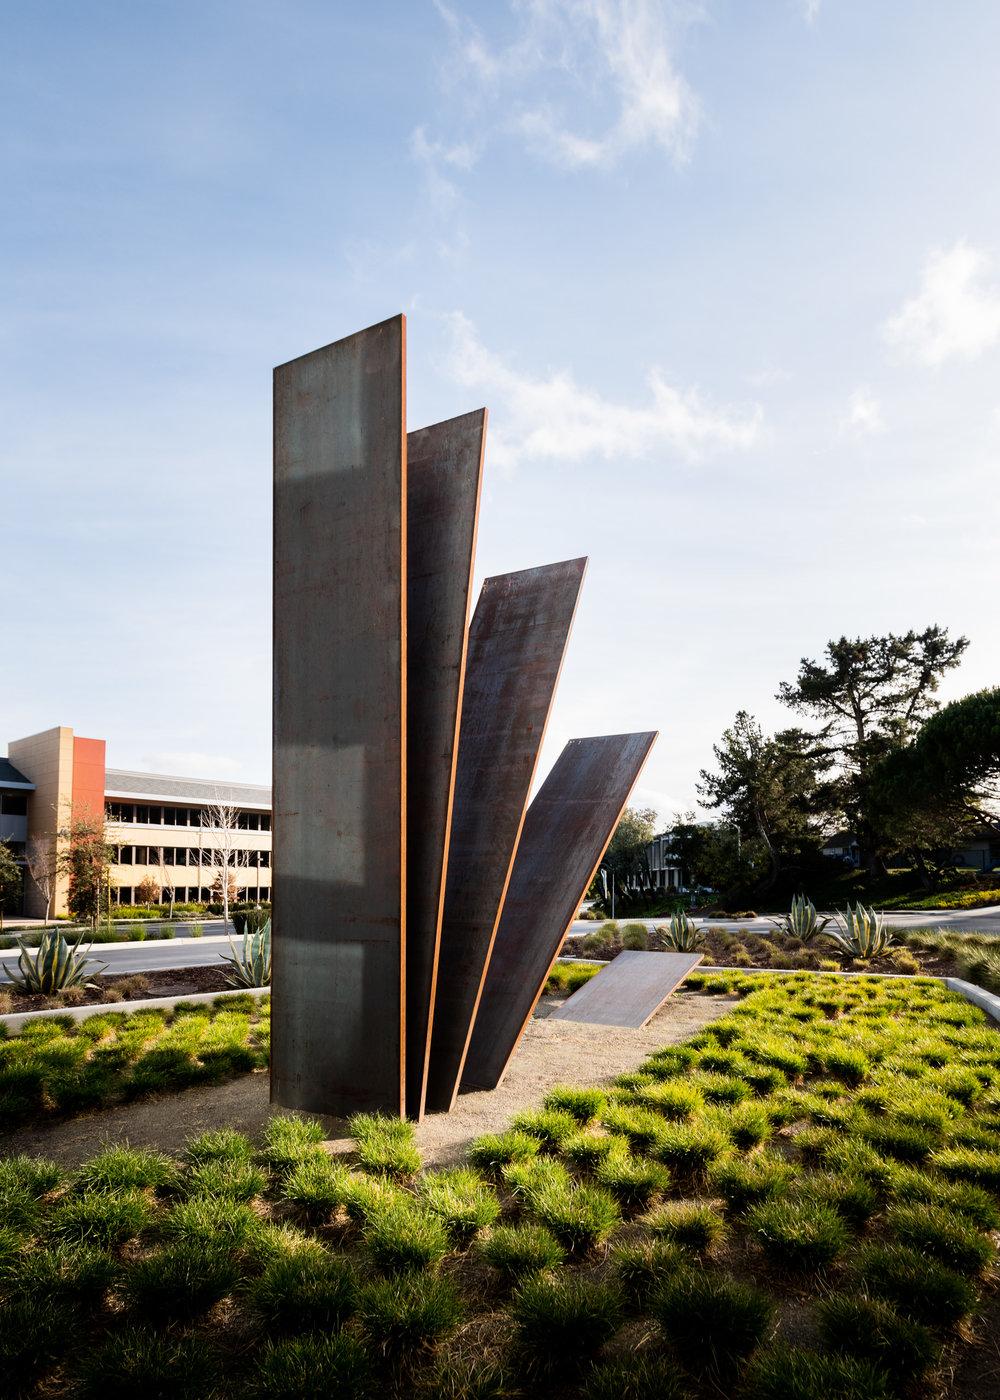 20180224 - San Mateo Sculptures - DTKM - 4004.jpg